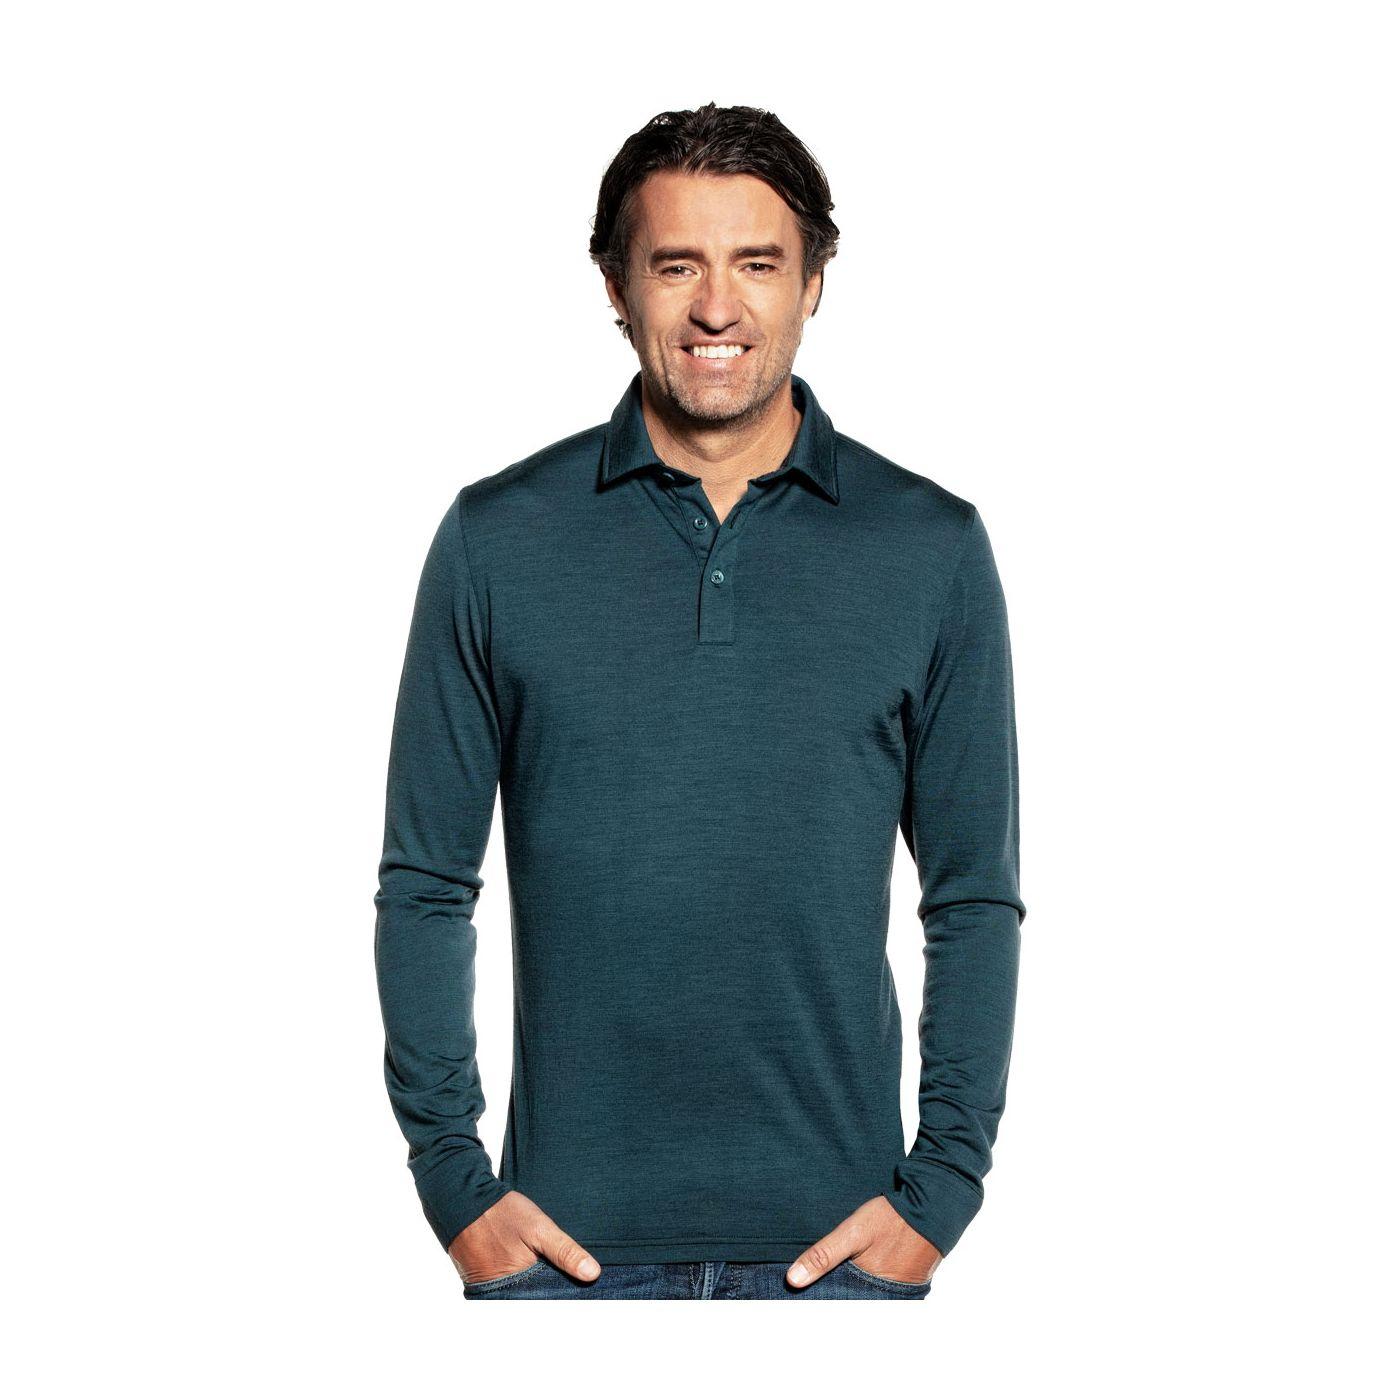 Shirt Polo Long Sleeve Proud Peacock